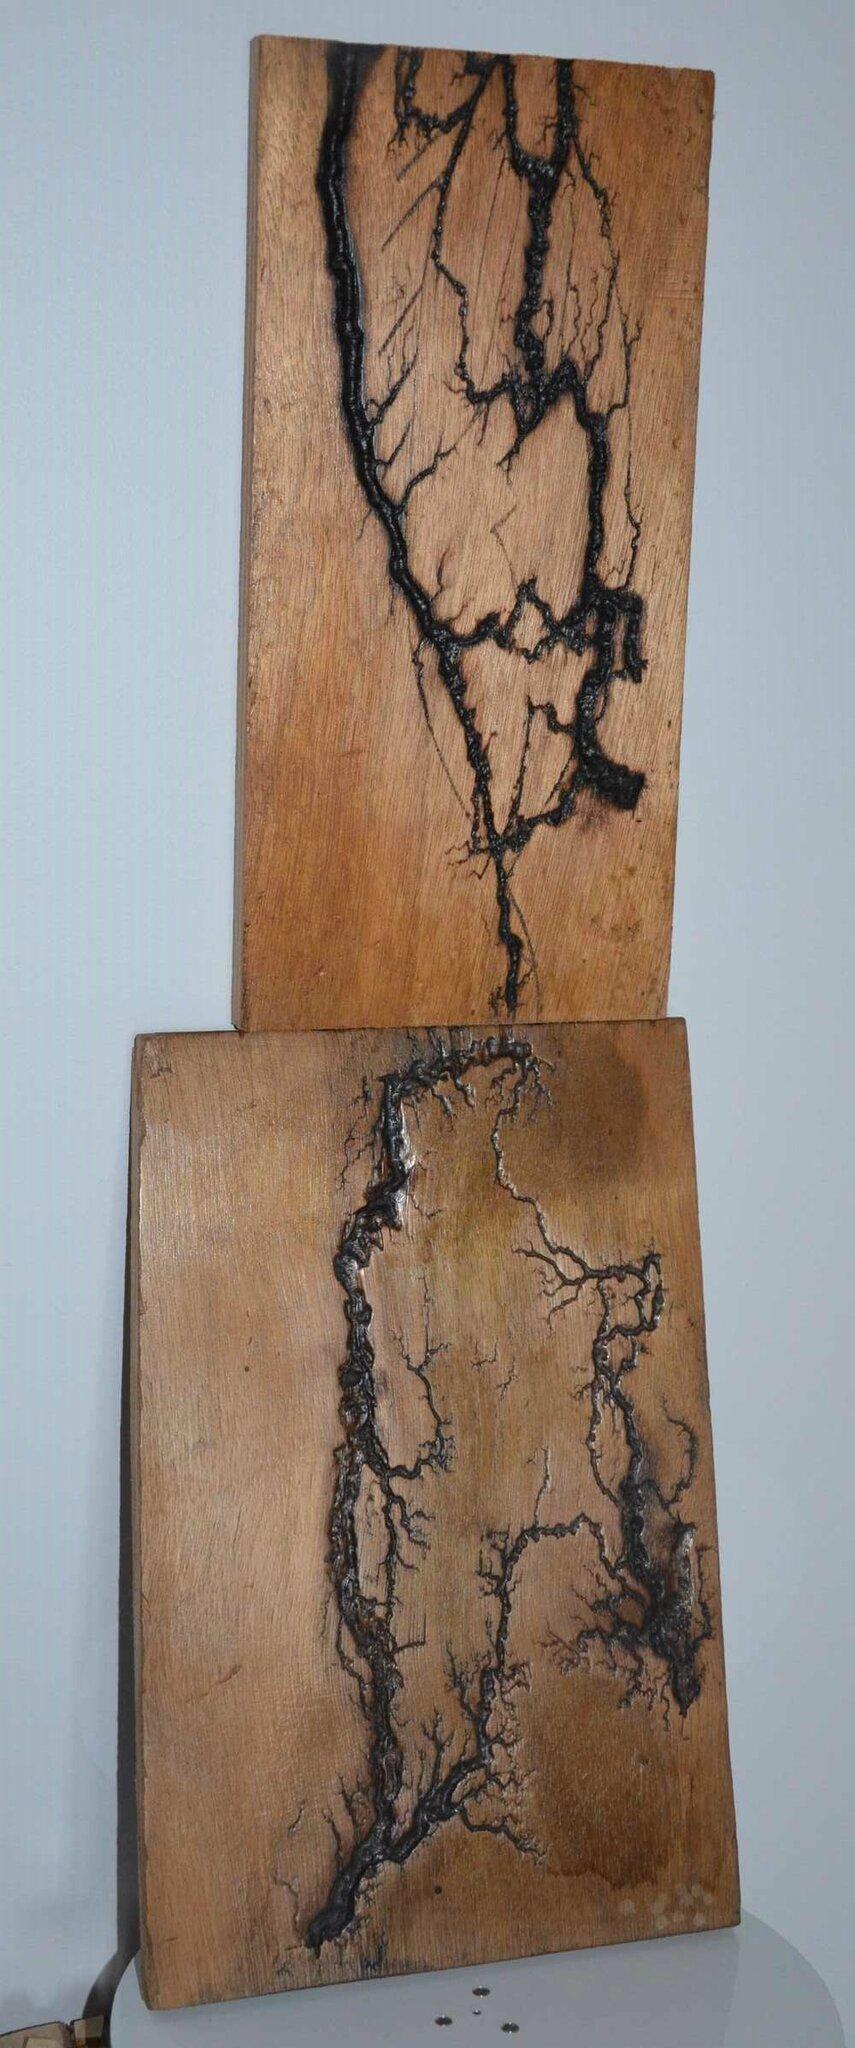 comment pyrograver sur du bois